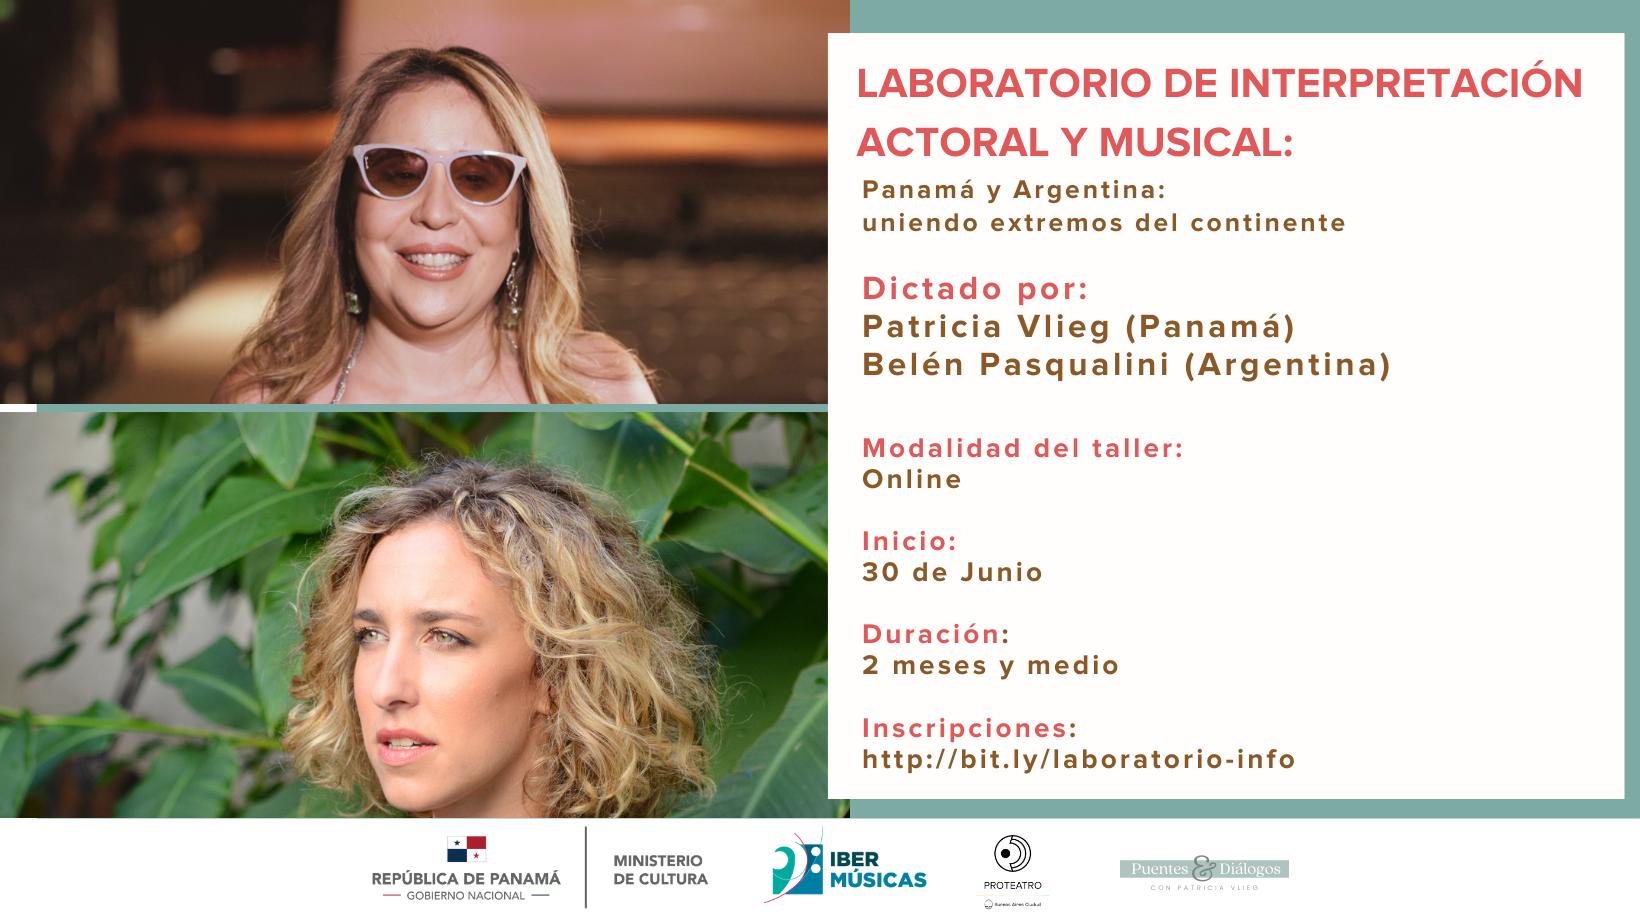 """Belén Pasqualini de Argentina y Patricia Vlieg de Panamá continúan su taller on line """"Técnicas y Lenguajes de Interpretación Actoral y Musical"""""""